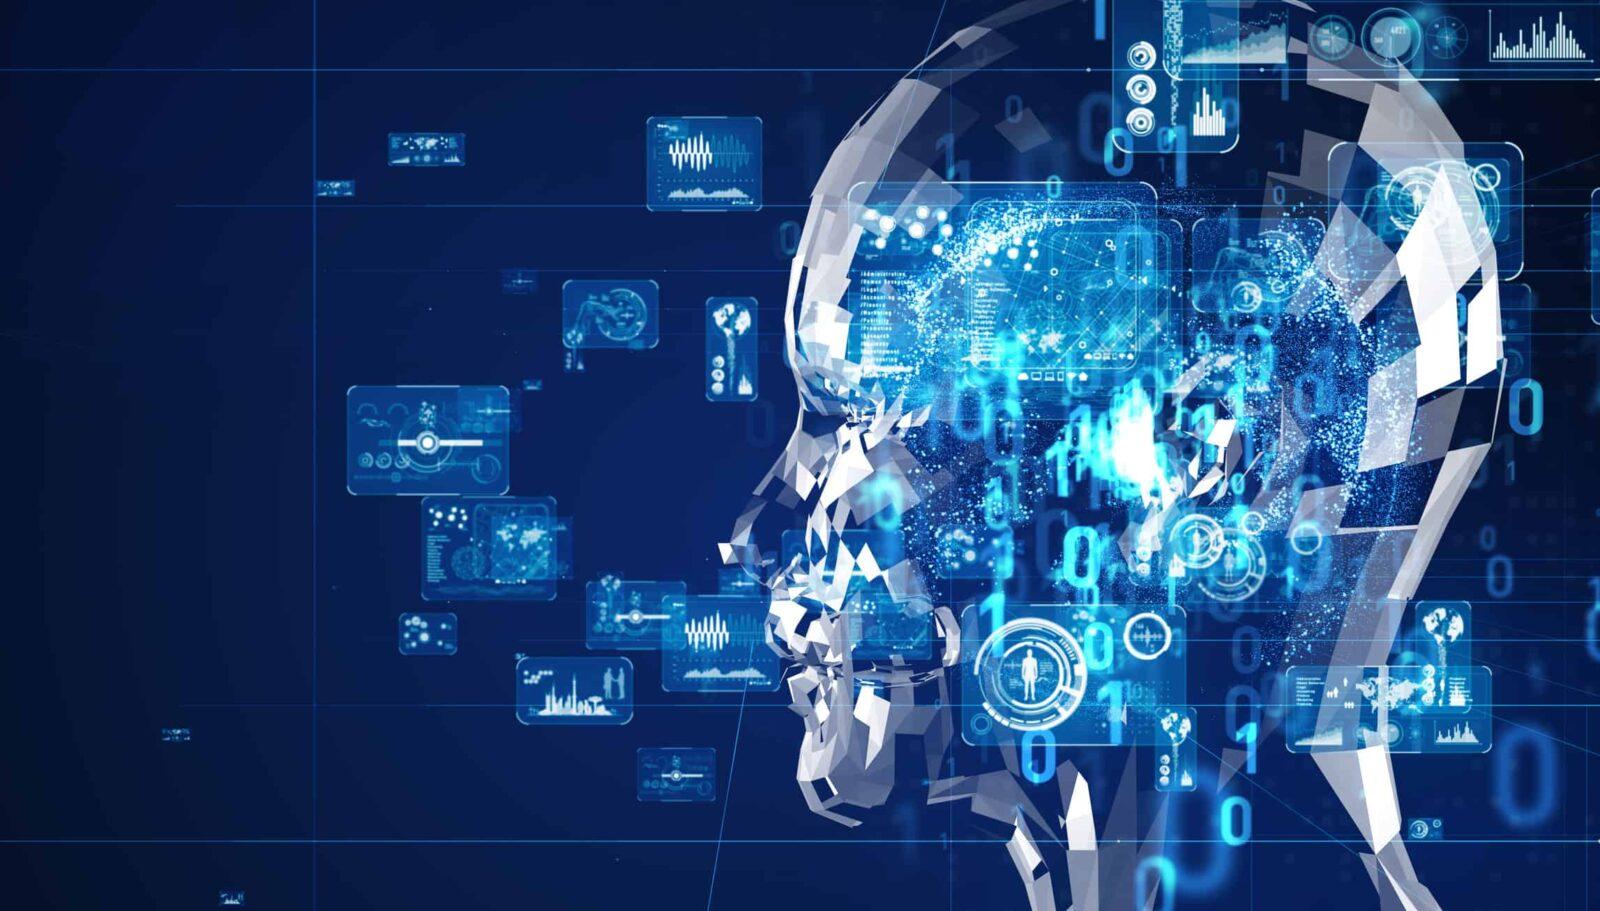 استراتژی های برتر دنیای فناوری در سال 2021